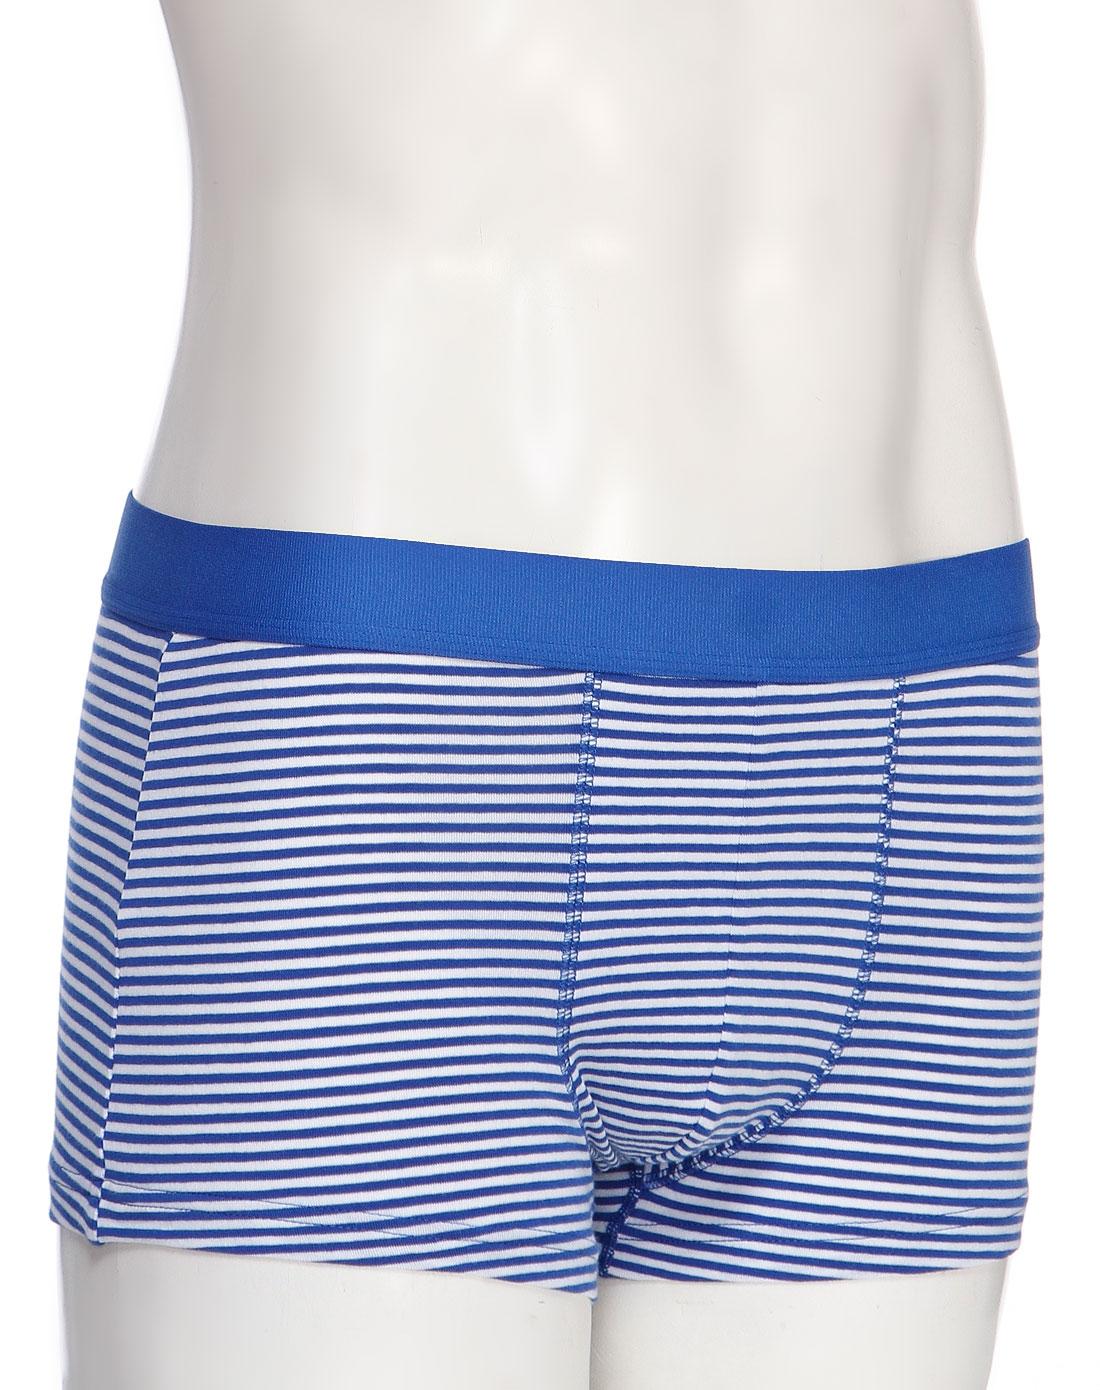 蓝白条纹舒适平角内裤